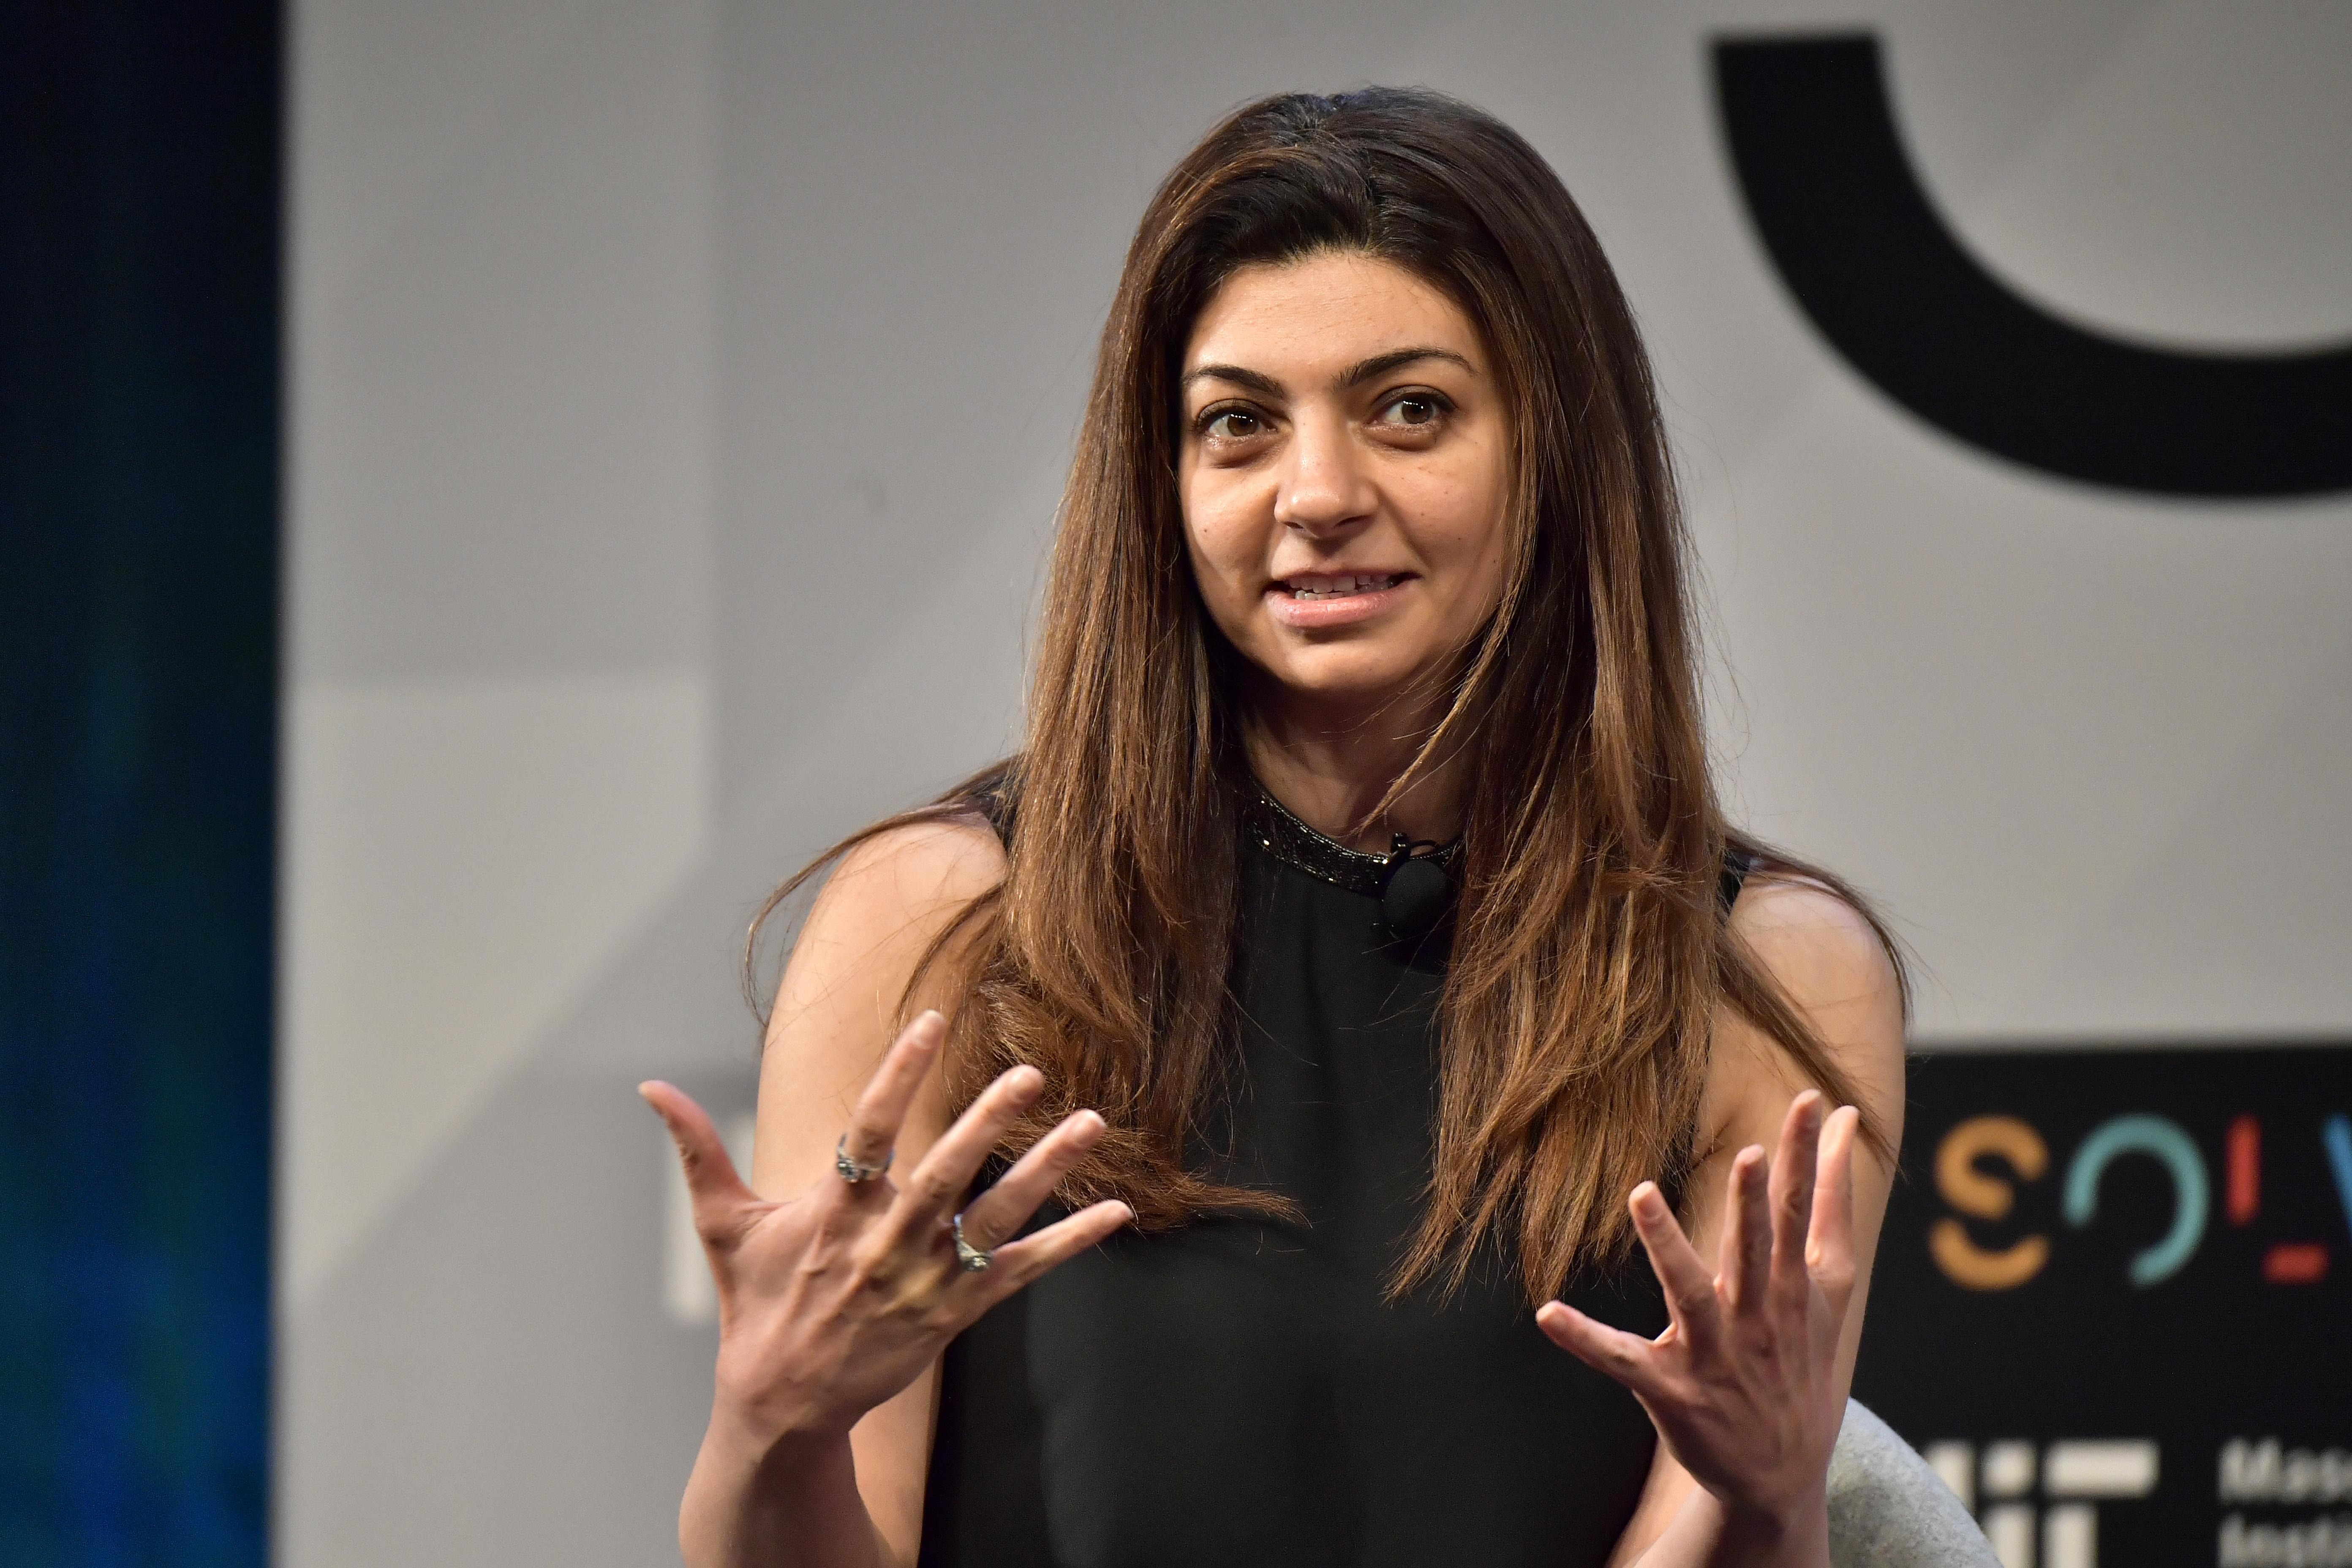 Affectiva CEO Rana el Kaliouby